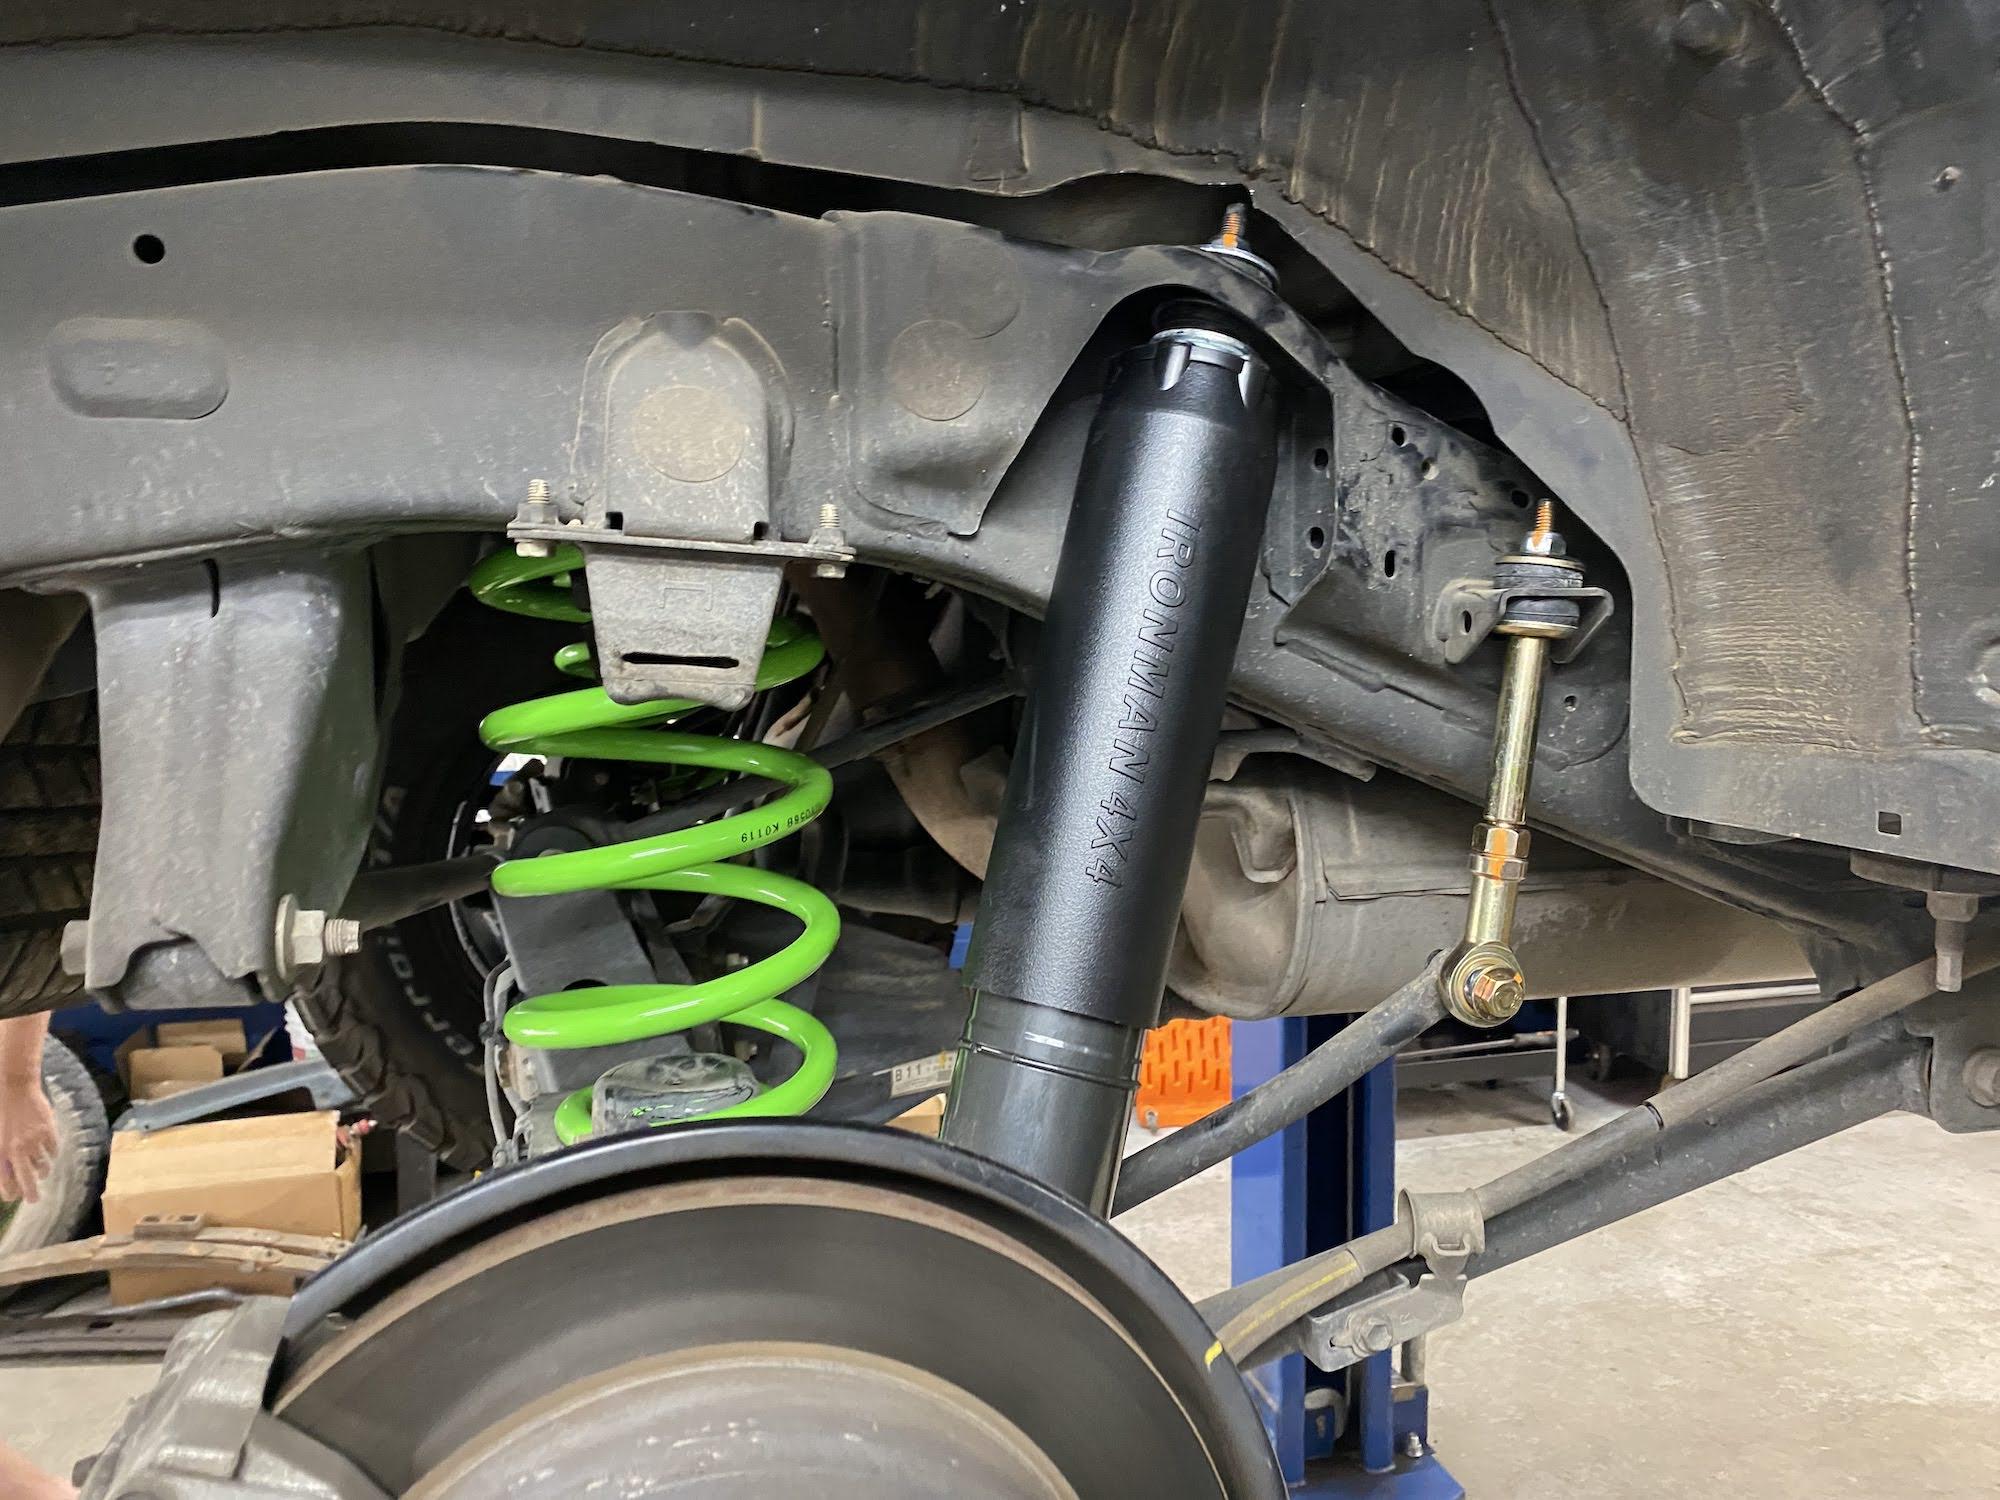 ironman rear suspension 4Runner